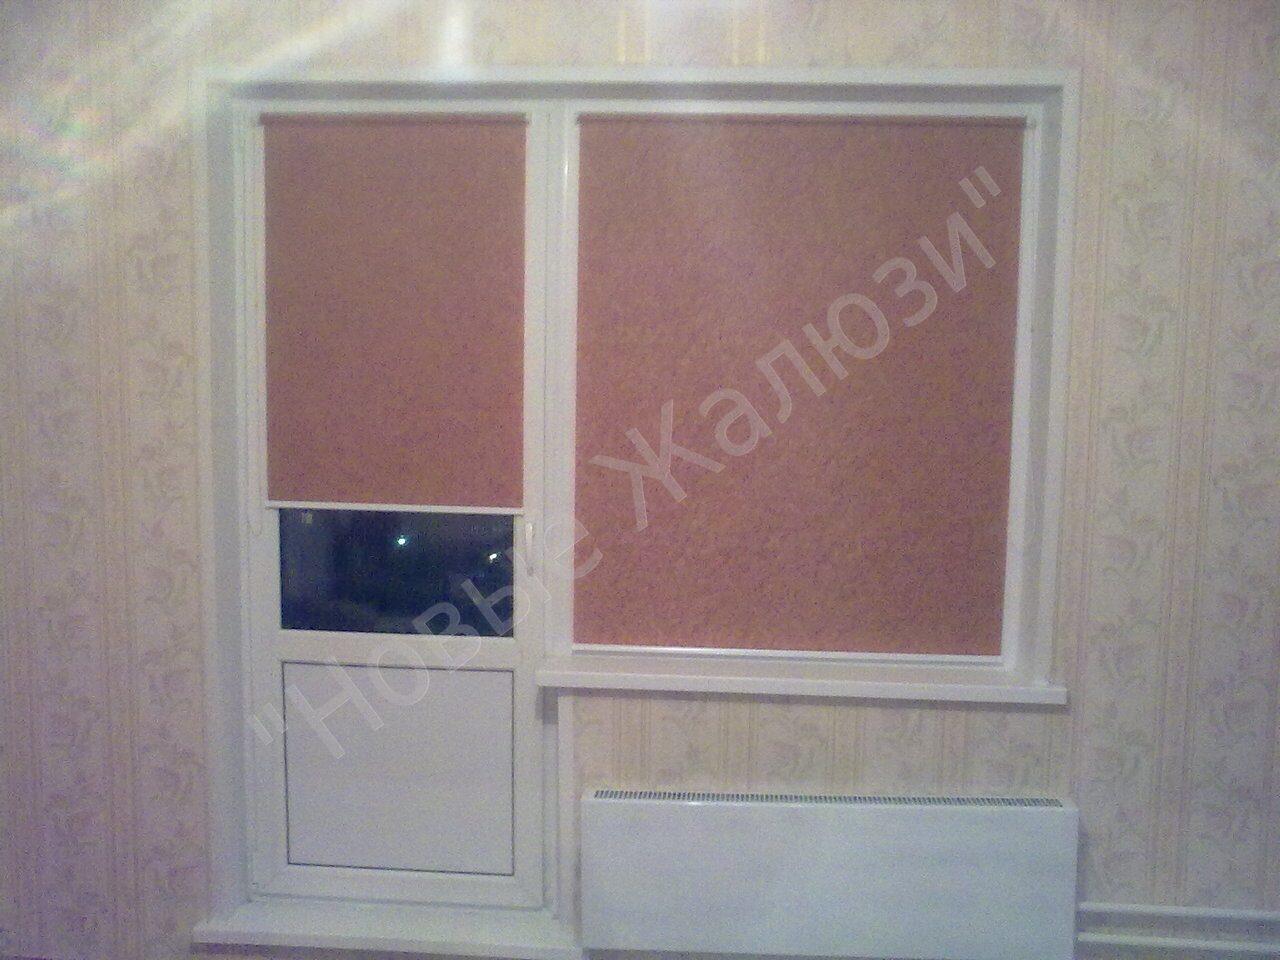 Жалюзи на балконную дверь фото 5